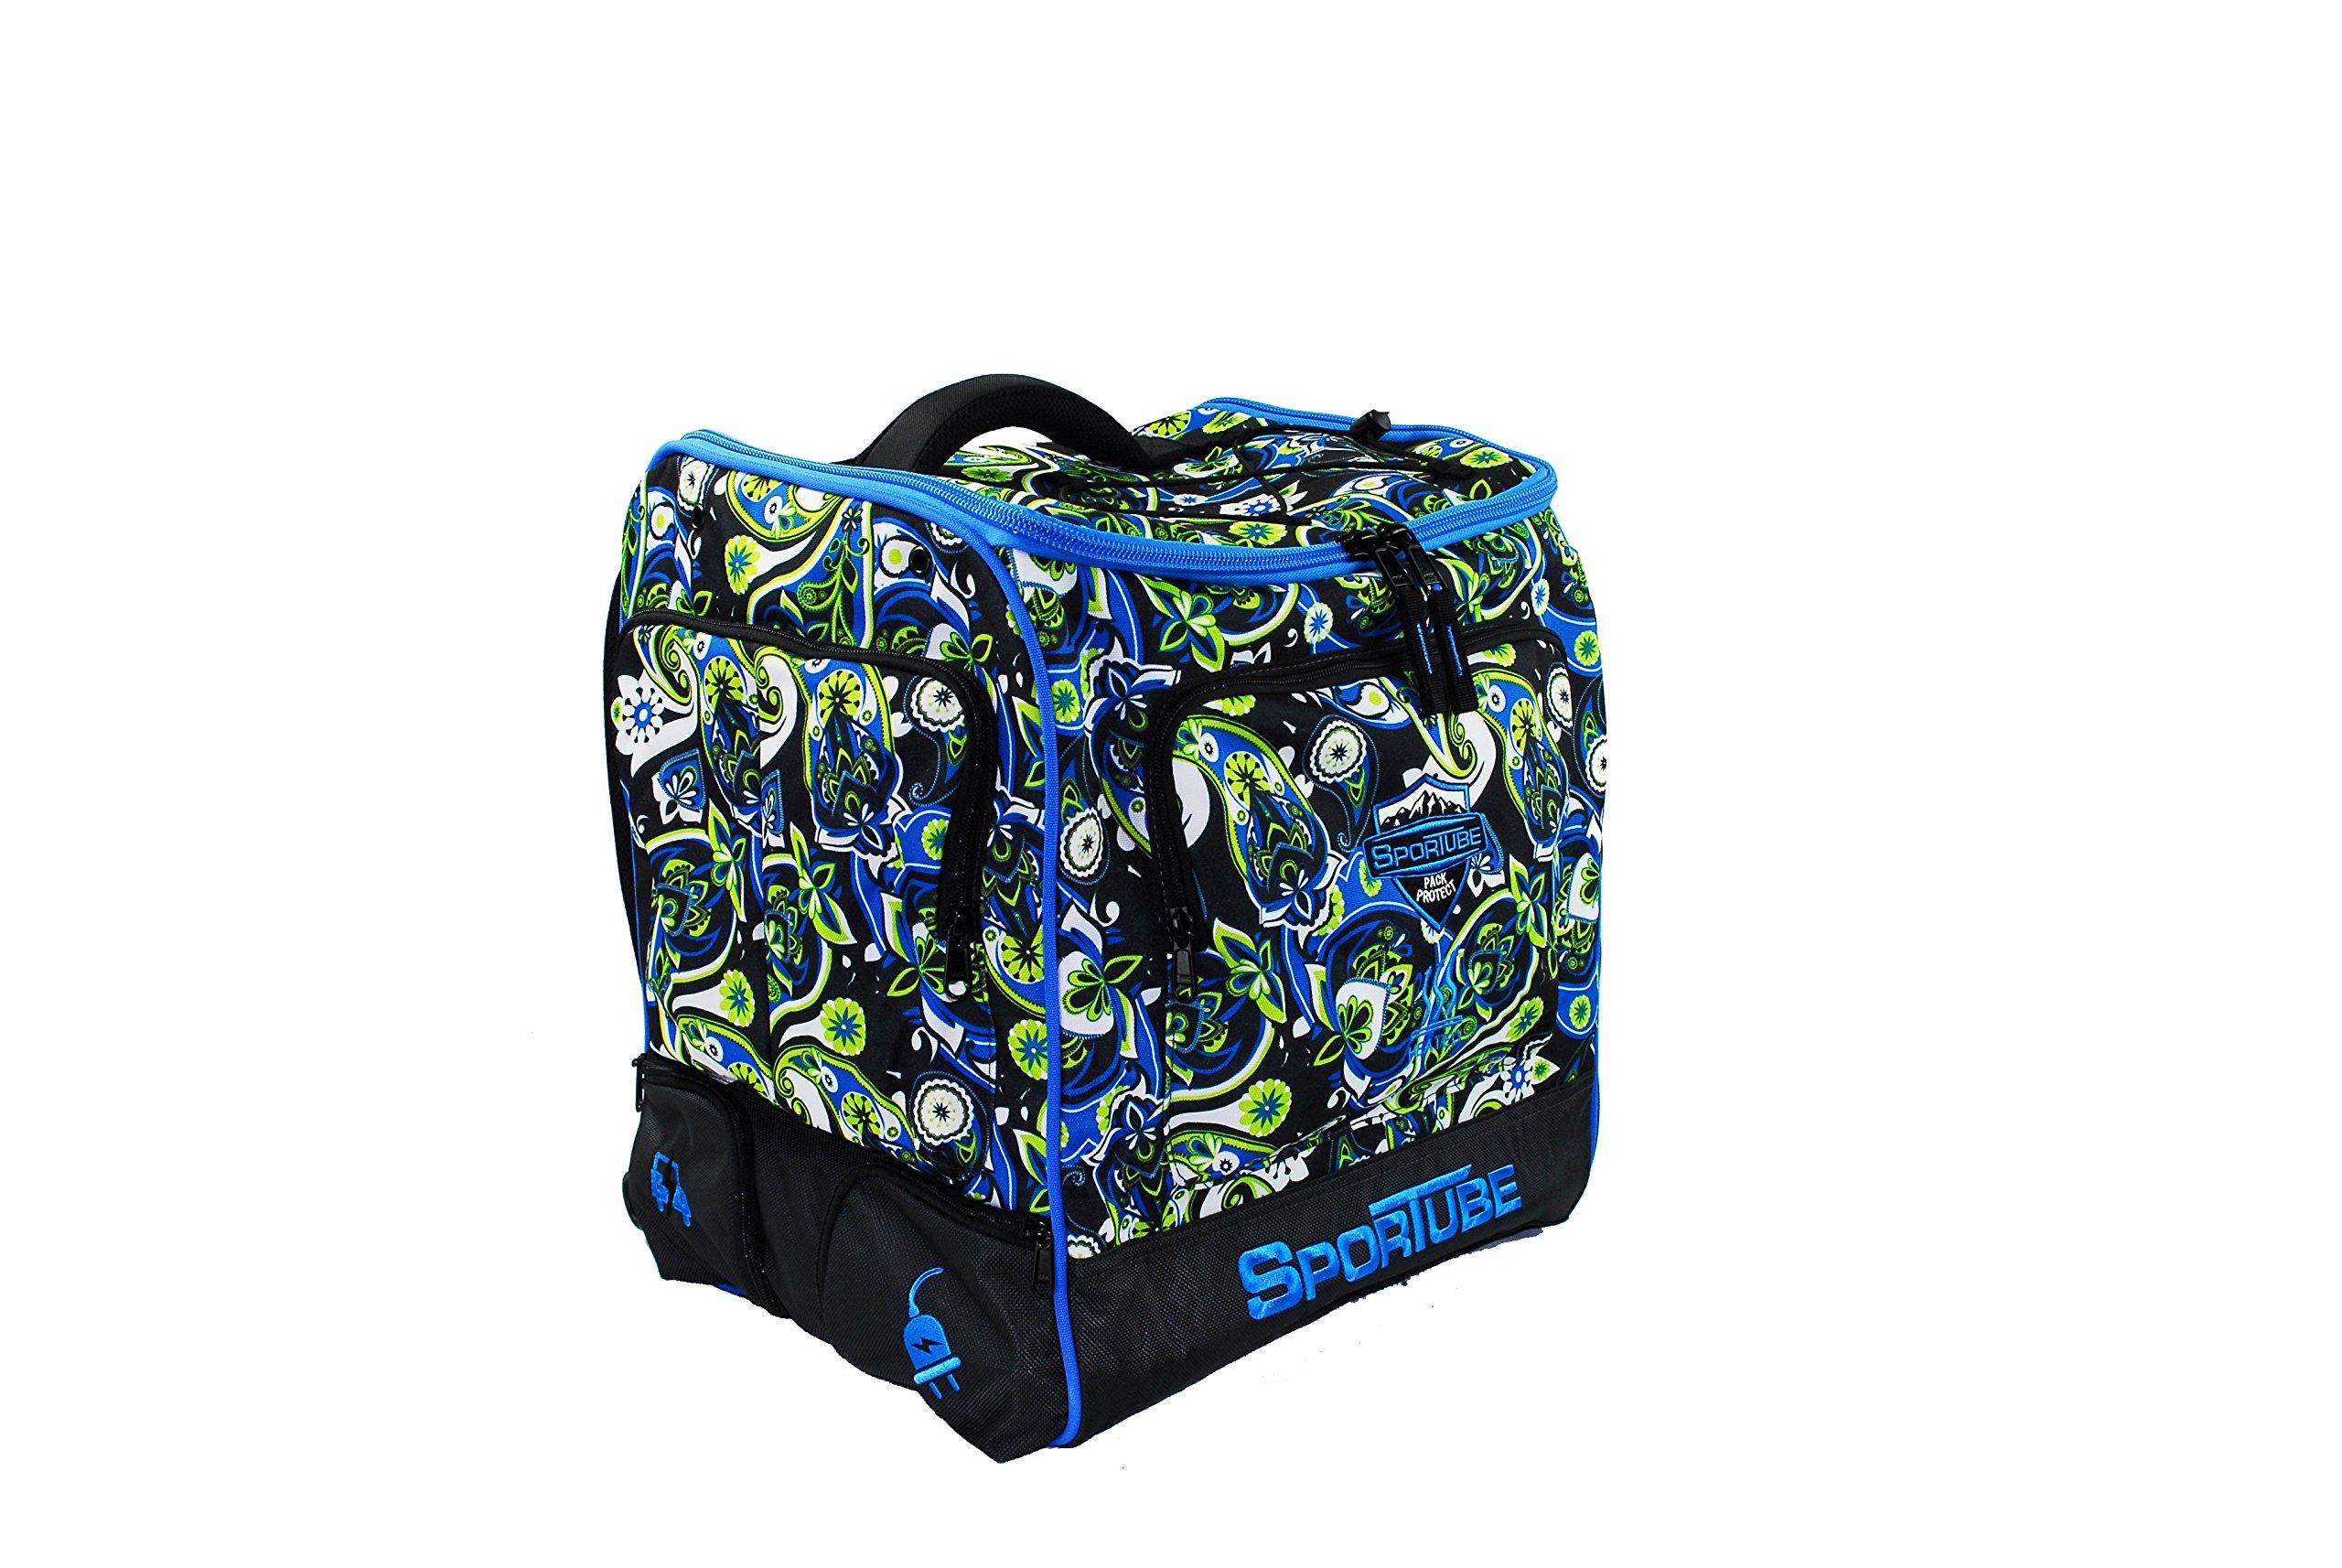 Sportube Toaster Elite Heated Boot Bag, Paisley by Sportube